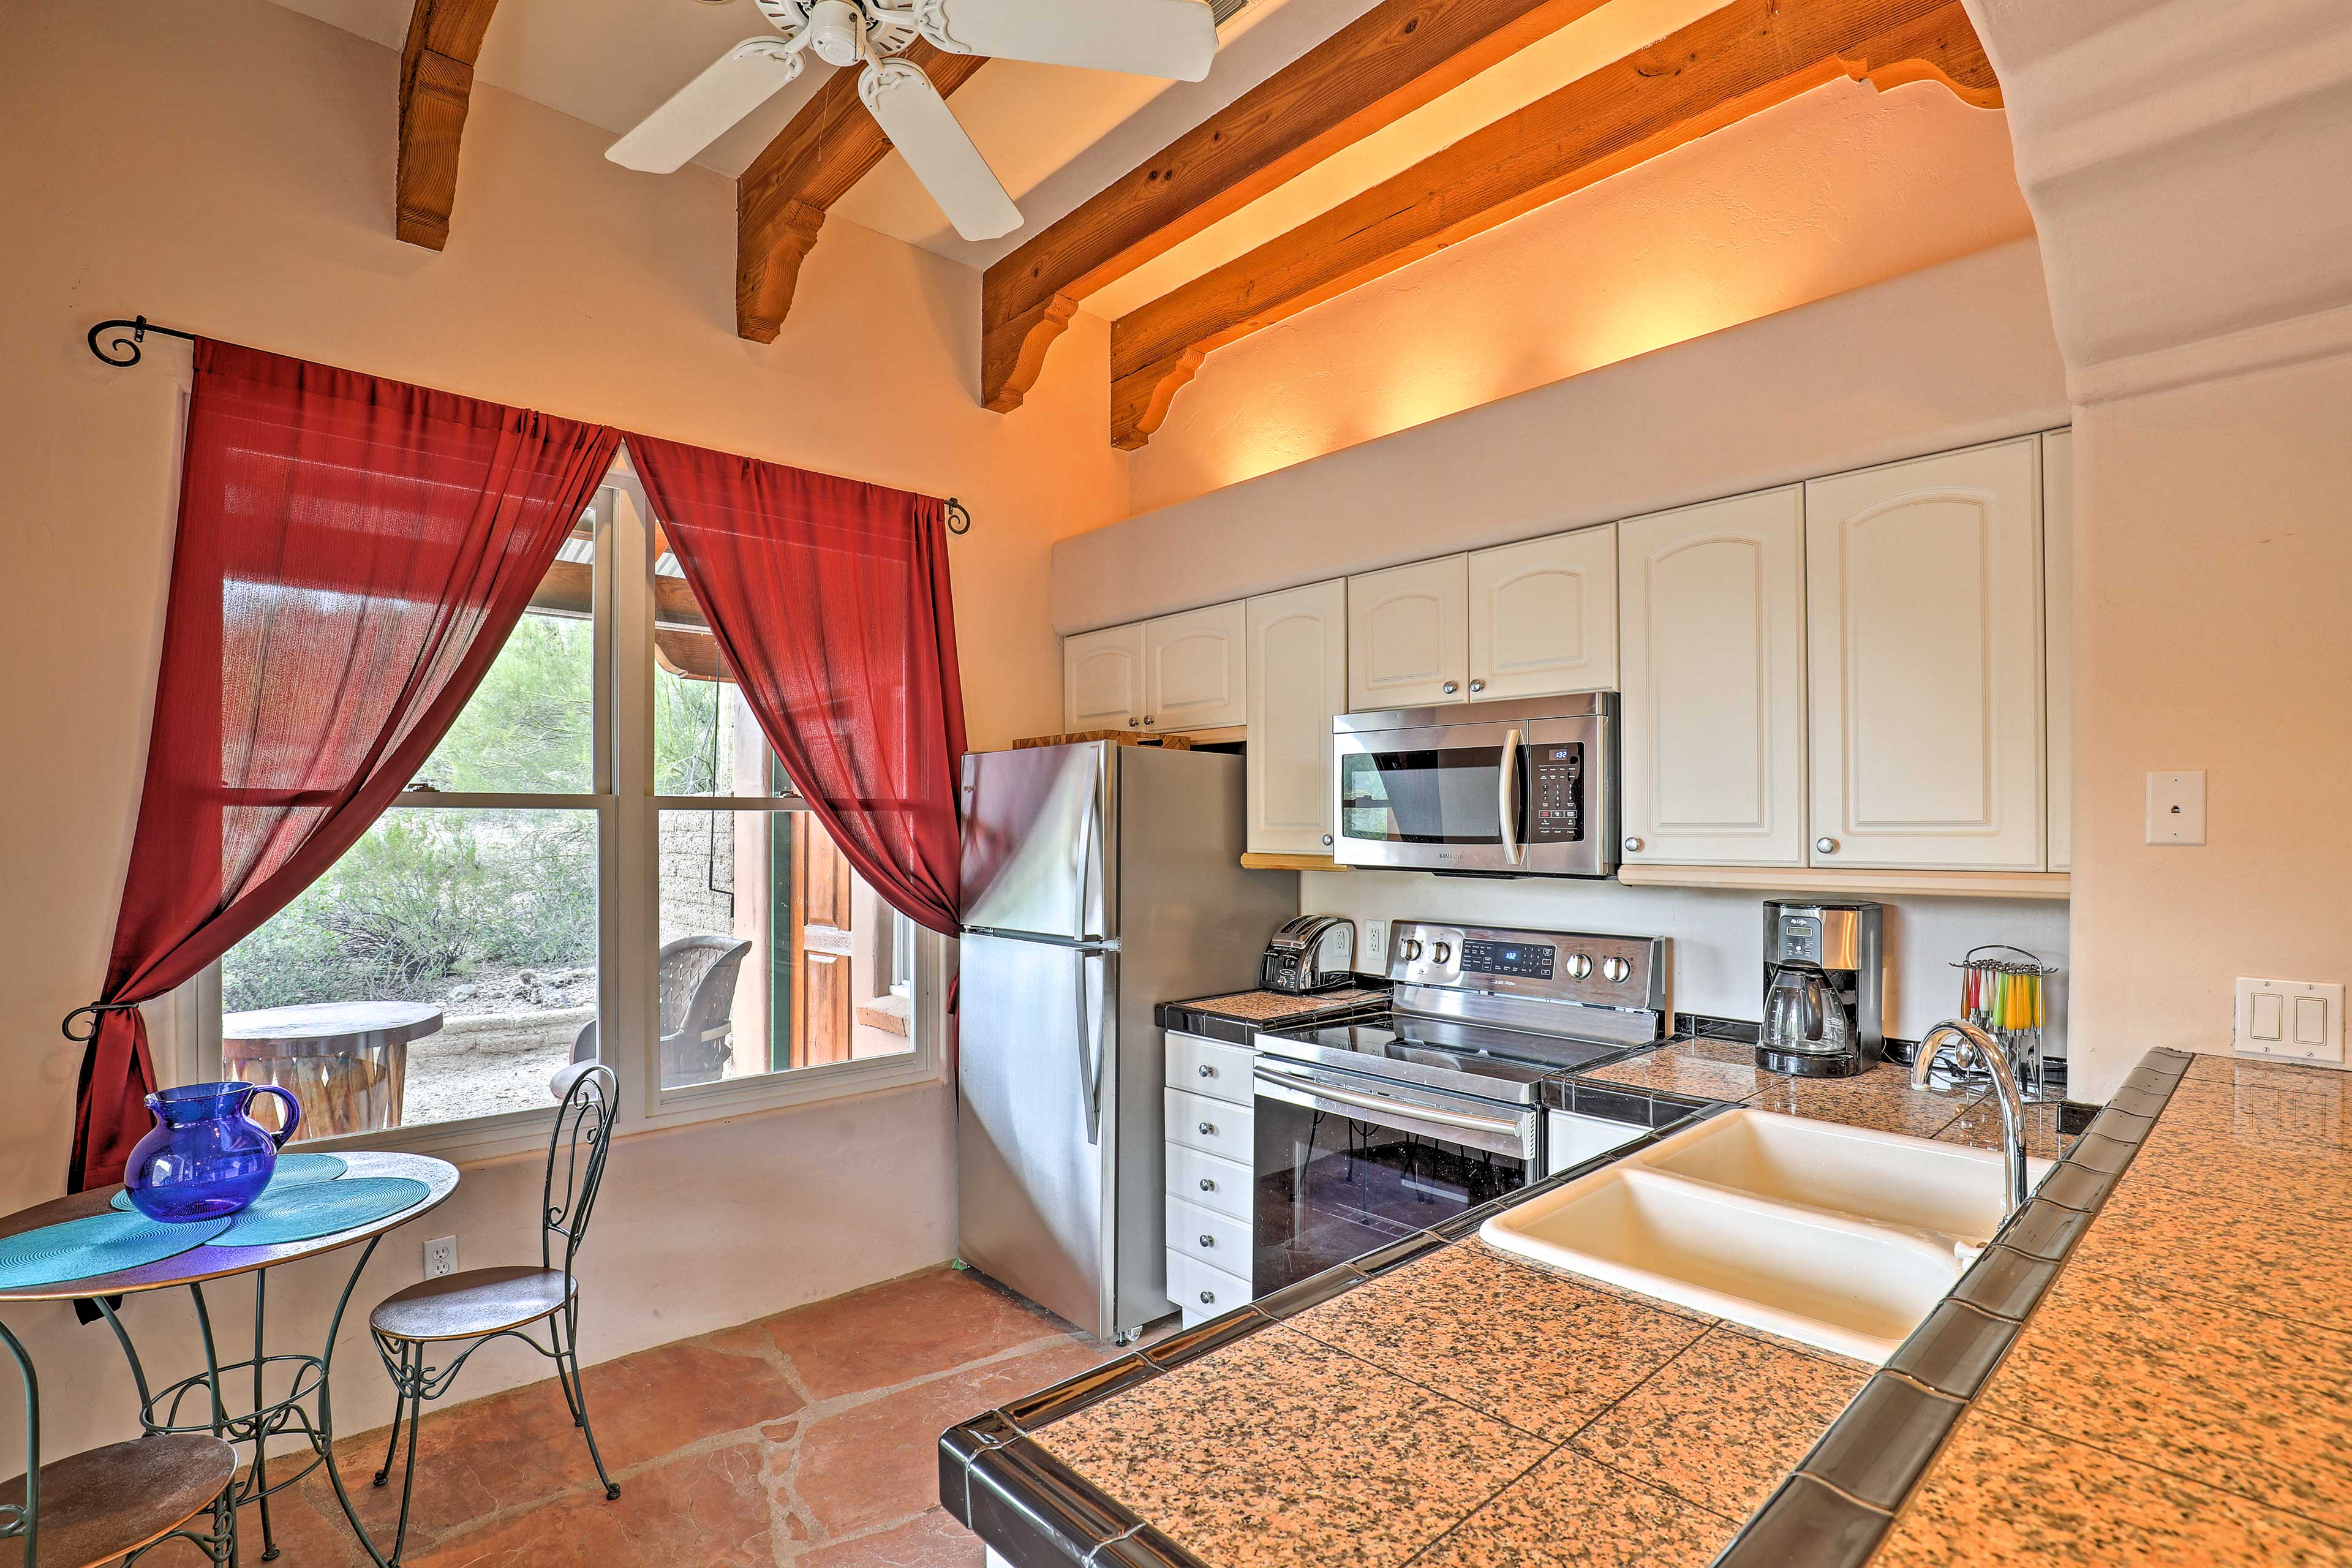 Kitchen | Dining Area